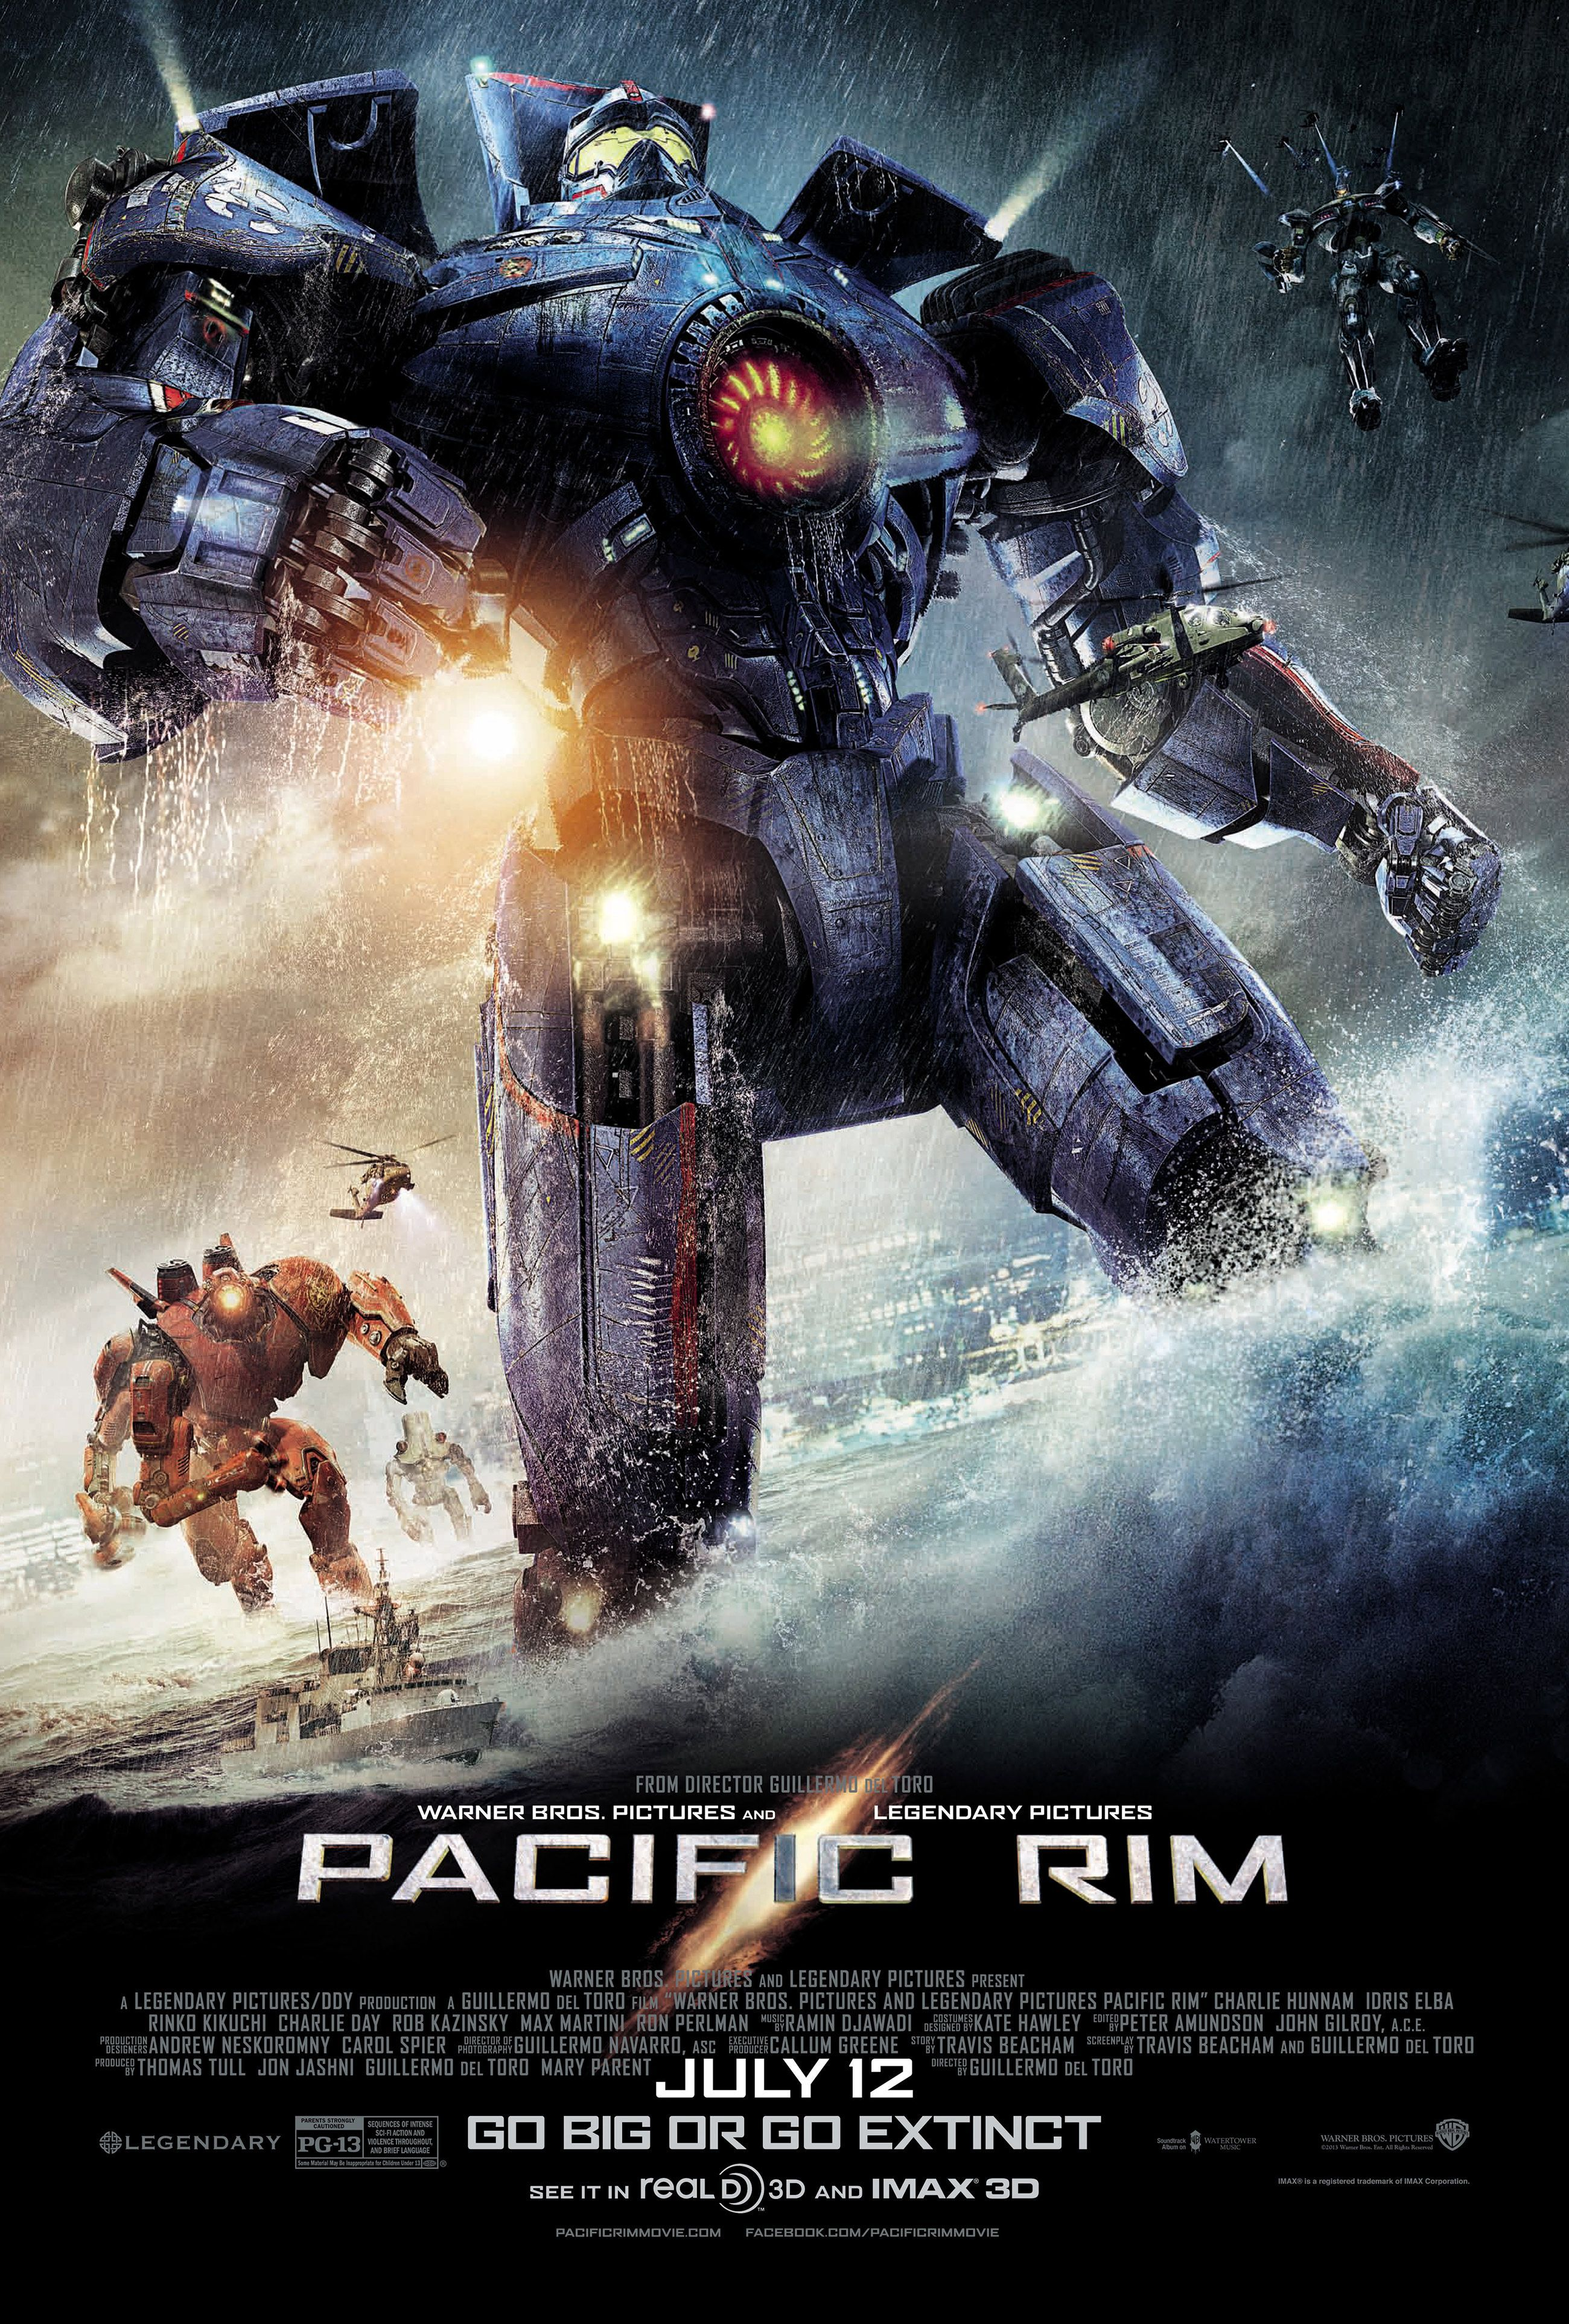 Pacific Rim Pacific Rim Peliculas Completas Peliculas Completas Gratis